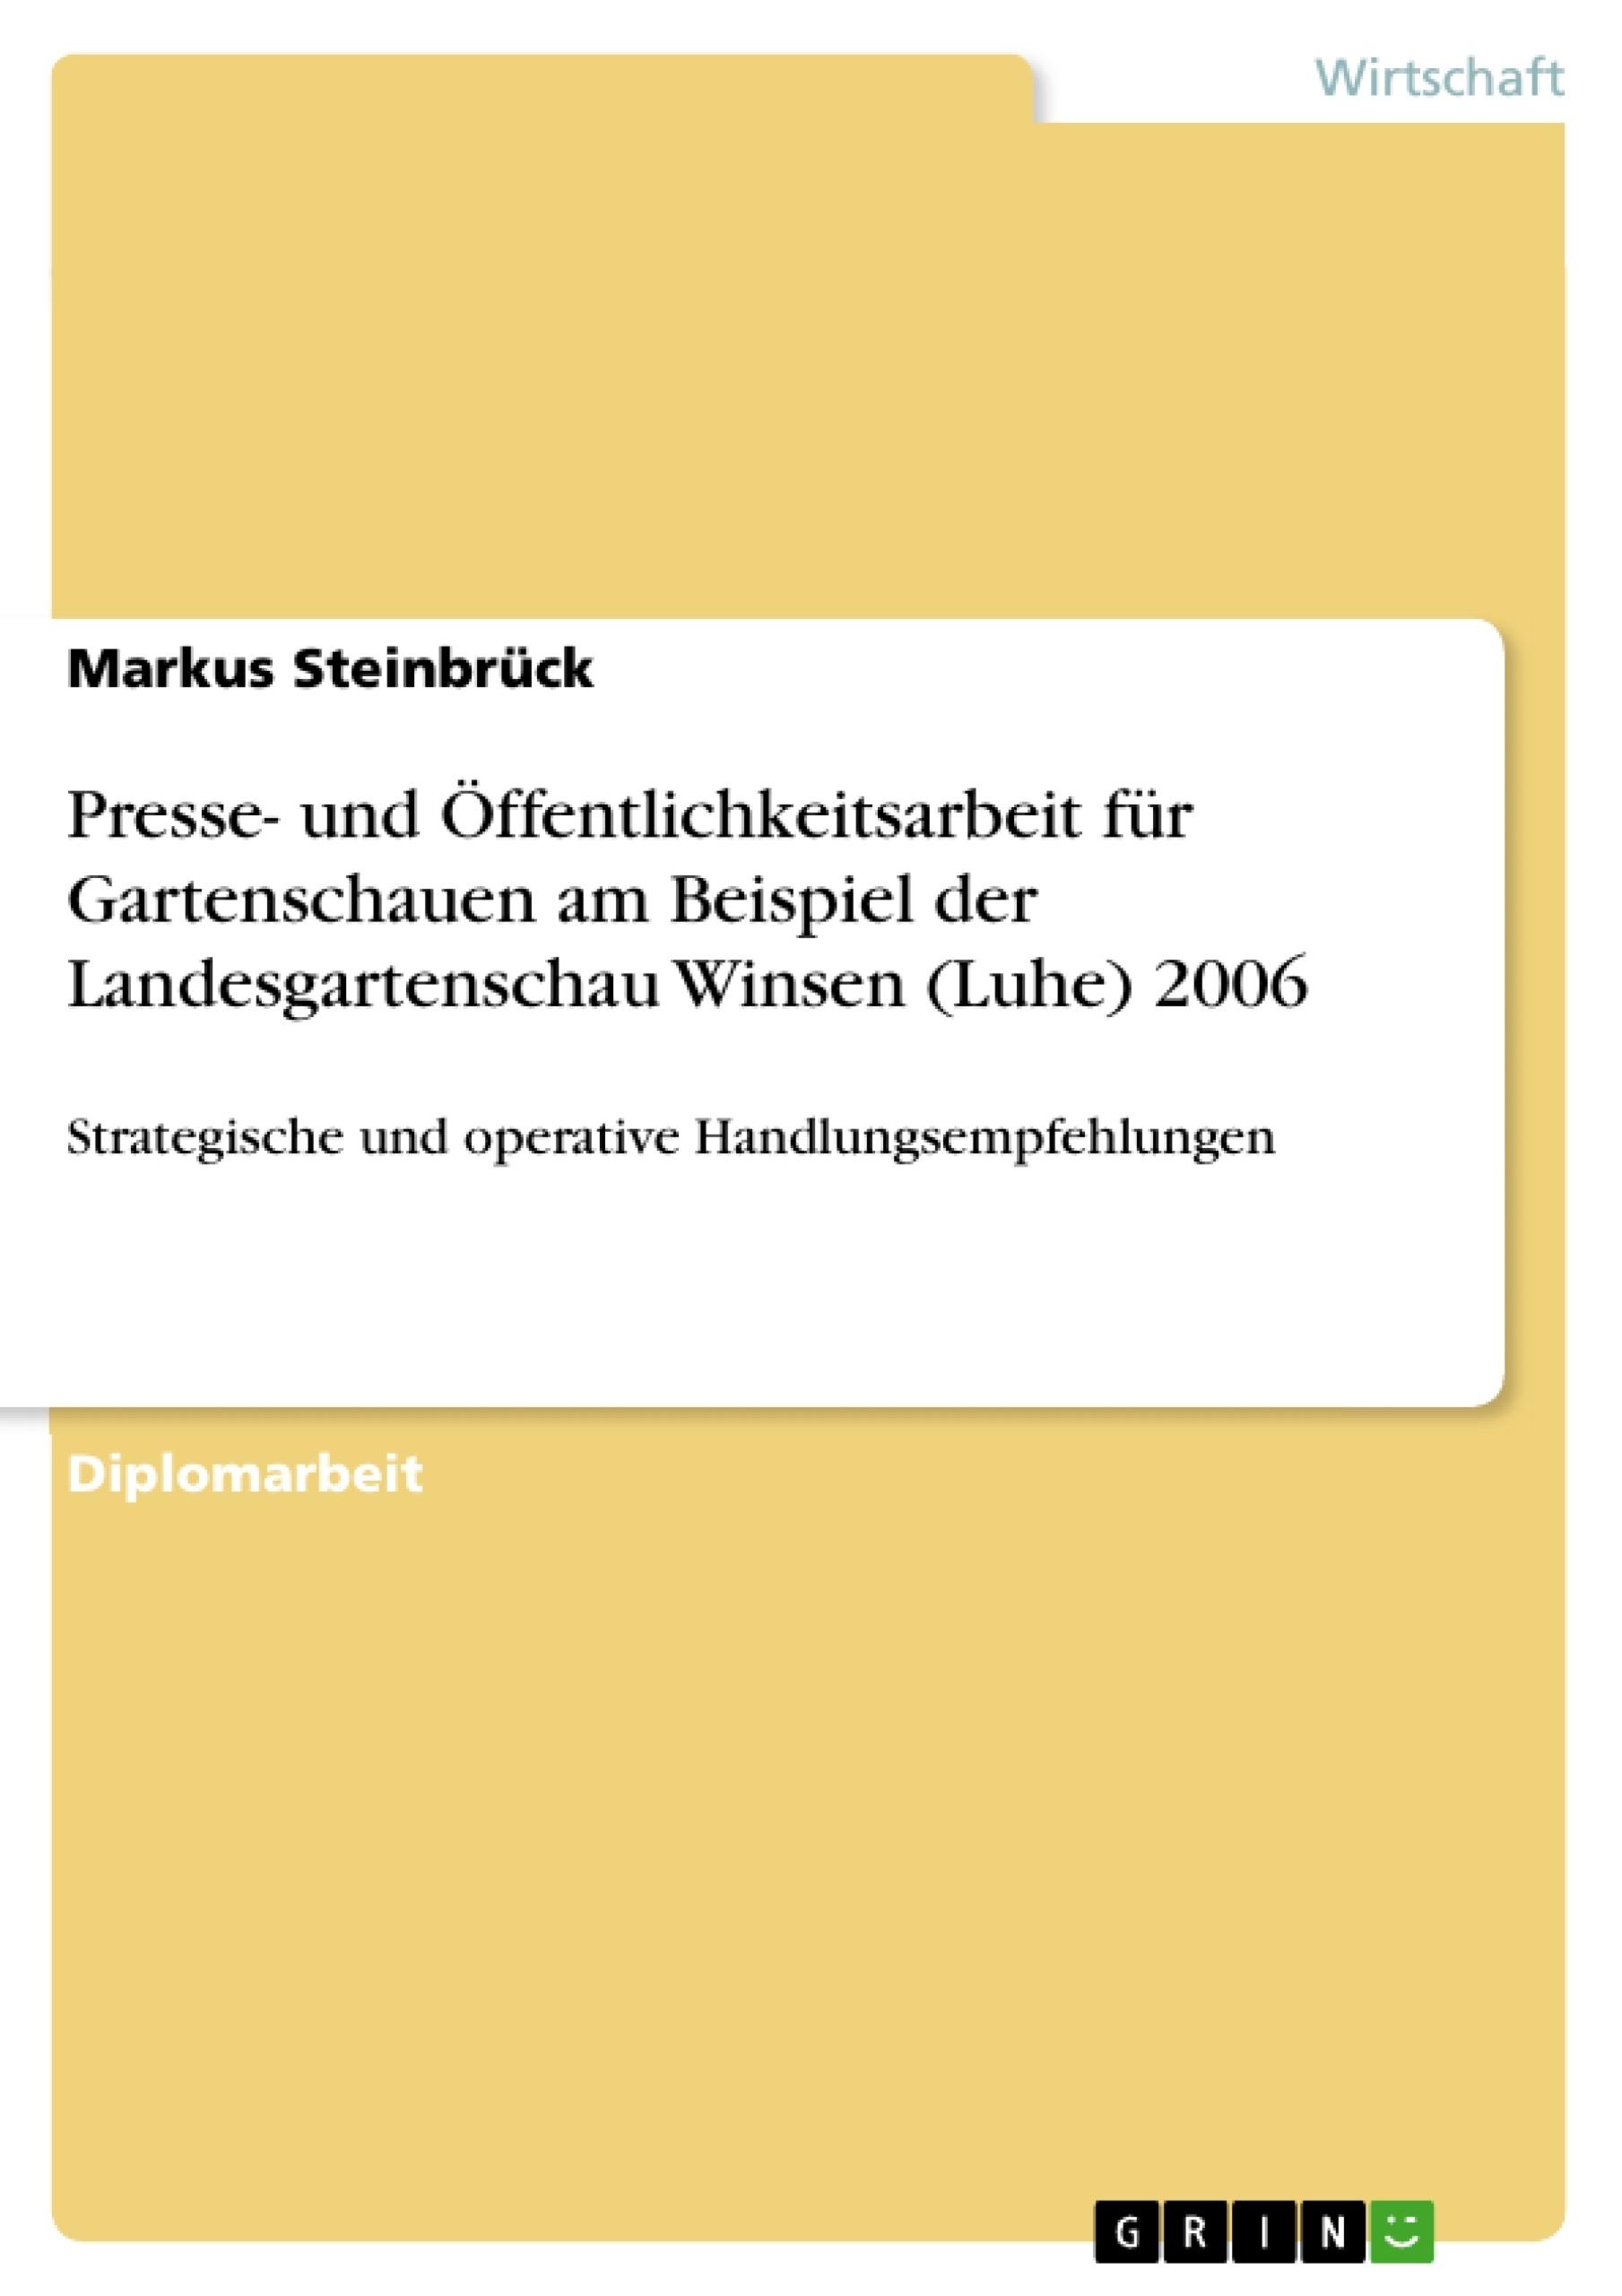 Titel: Presse- und Öffentlichkeitsarbeit für Gartenschauen am Beispiel der Landesgartenschau Winsen (Luhe) 2006